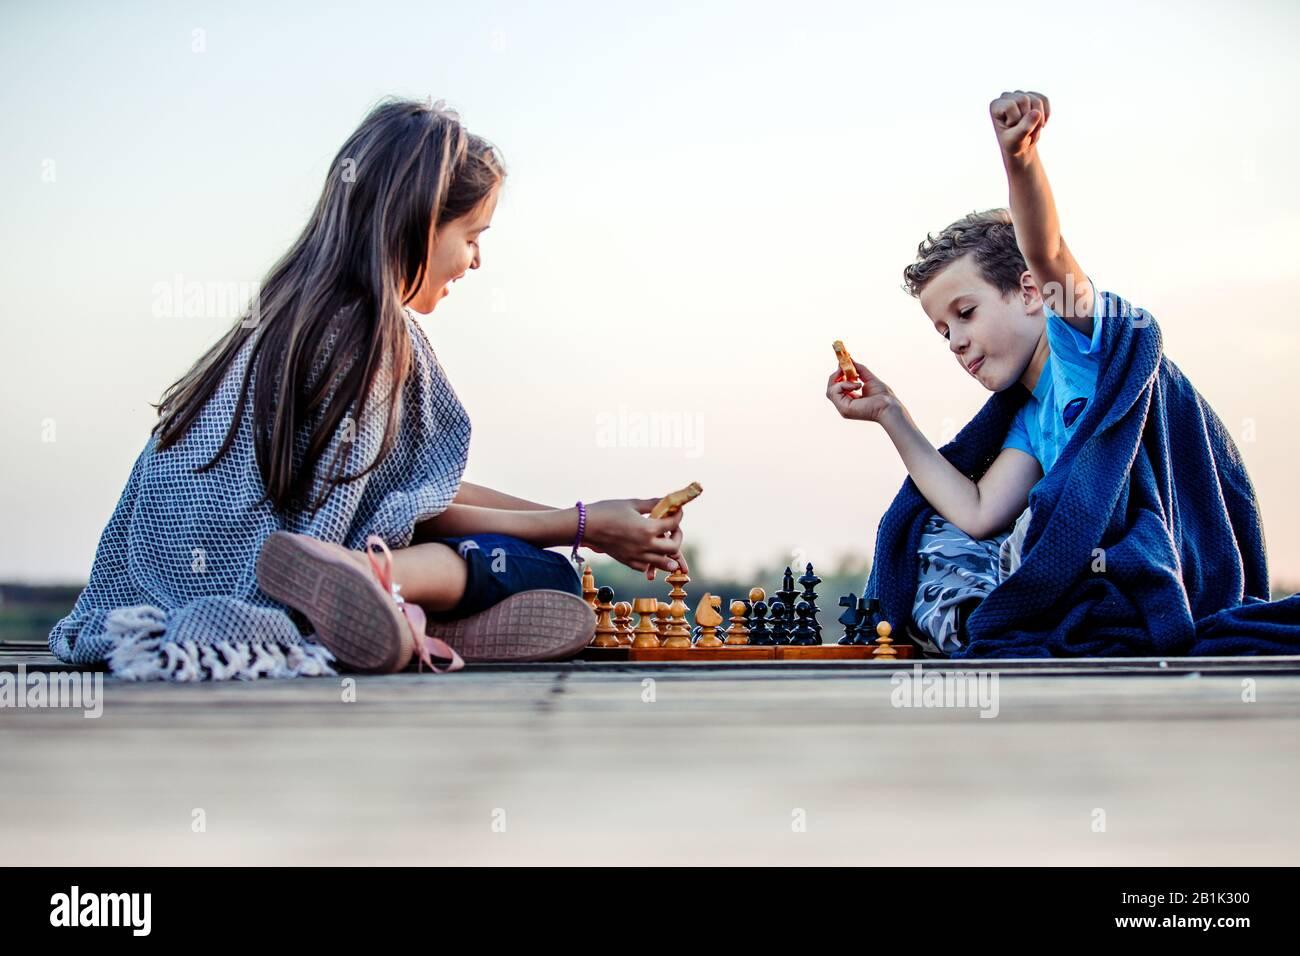 Deux jeunes petits amis mignons, un garçon et une fille qui s'amusent en jouant aux échecs assis près du lac le soir. Les enfants jouent.geste gagnant. Ami Banque D'Images